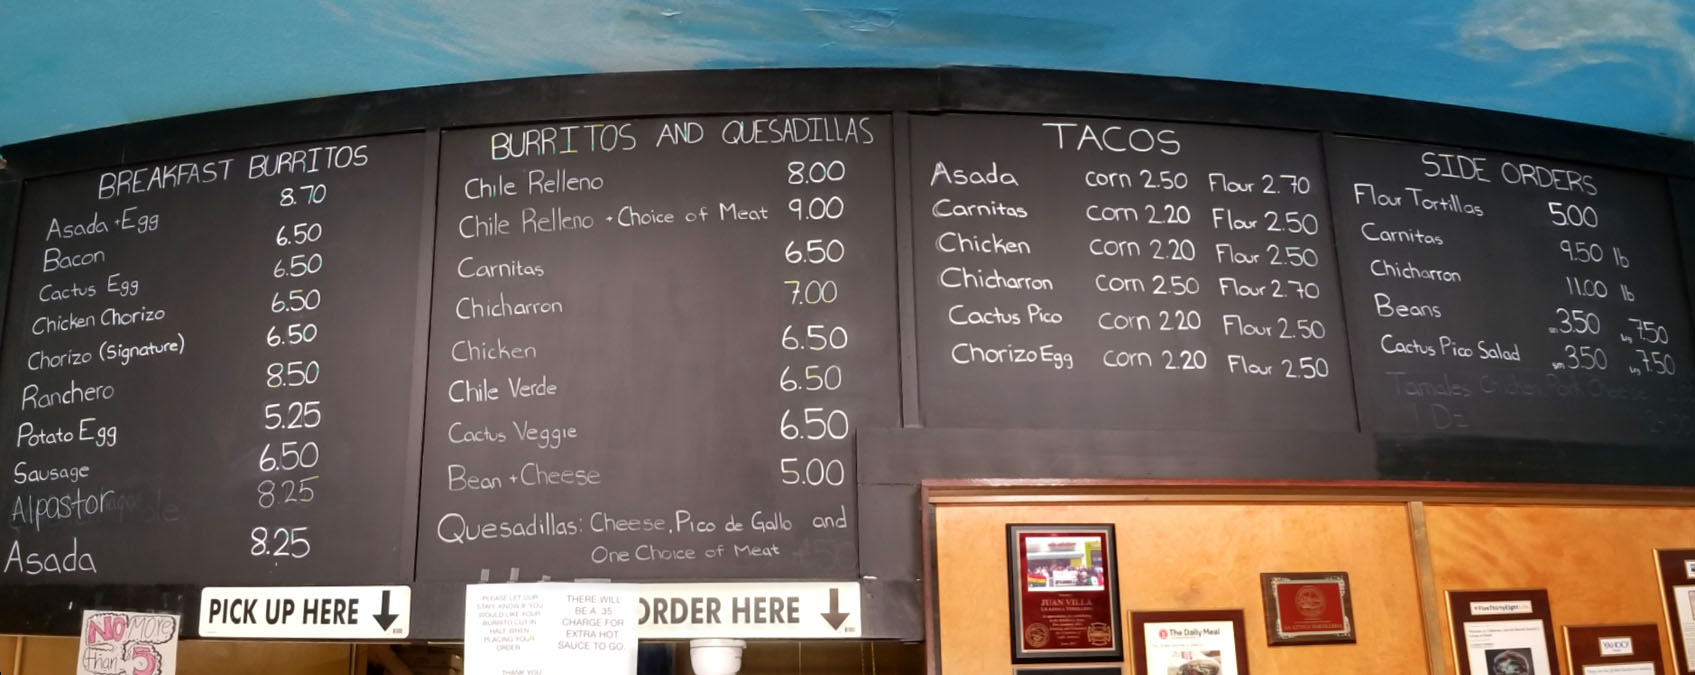 La Azteca Tortilleria Menu